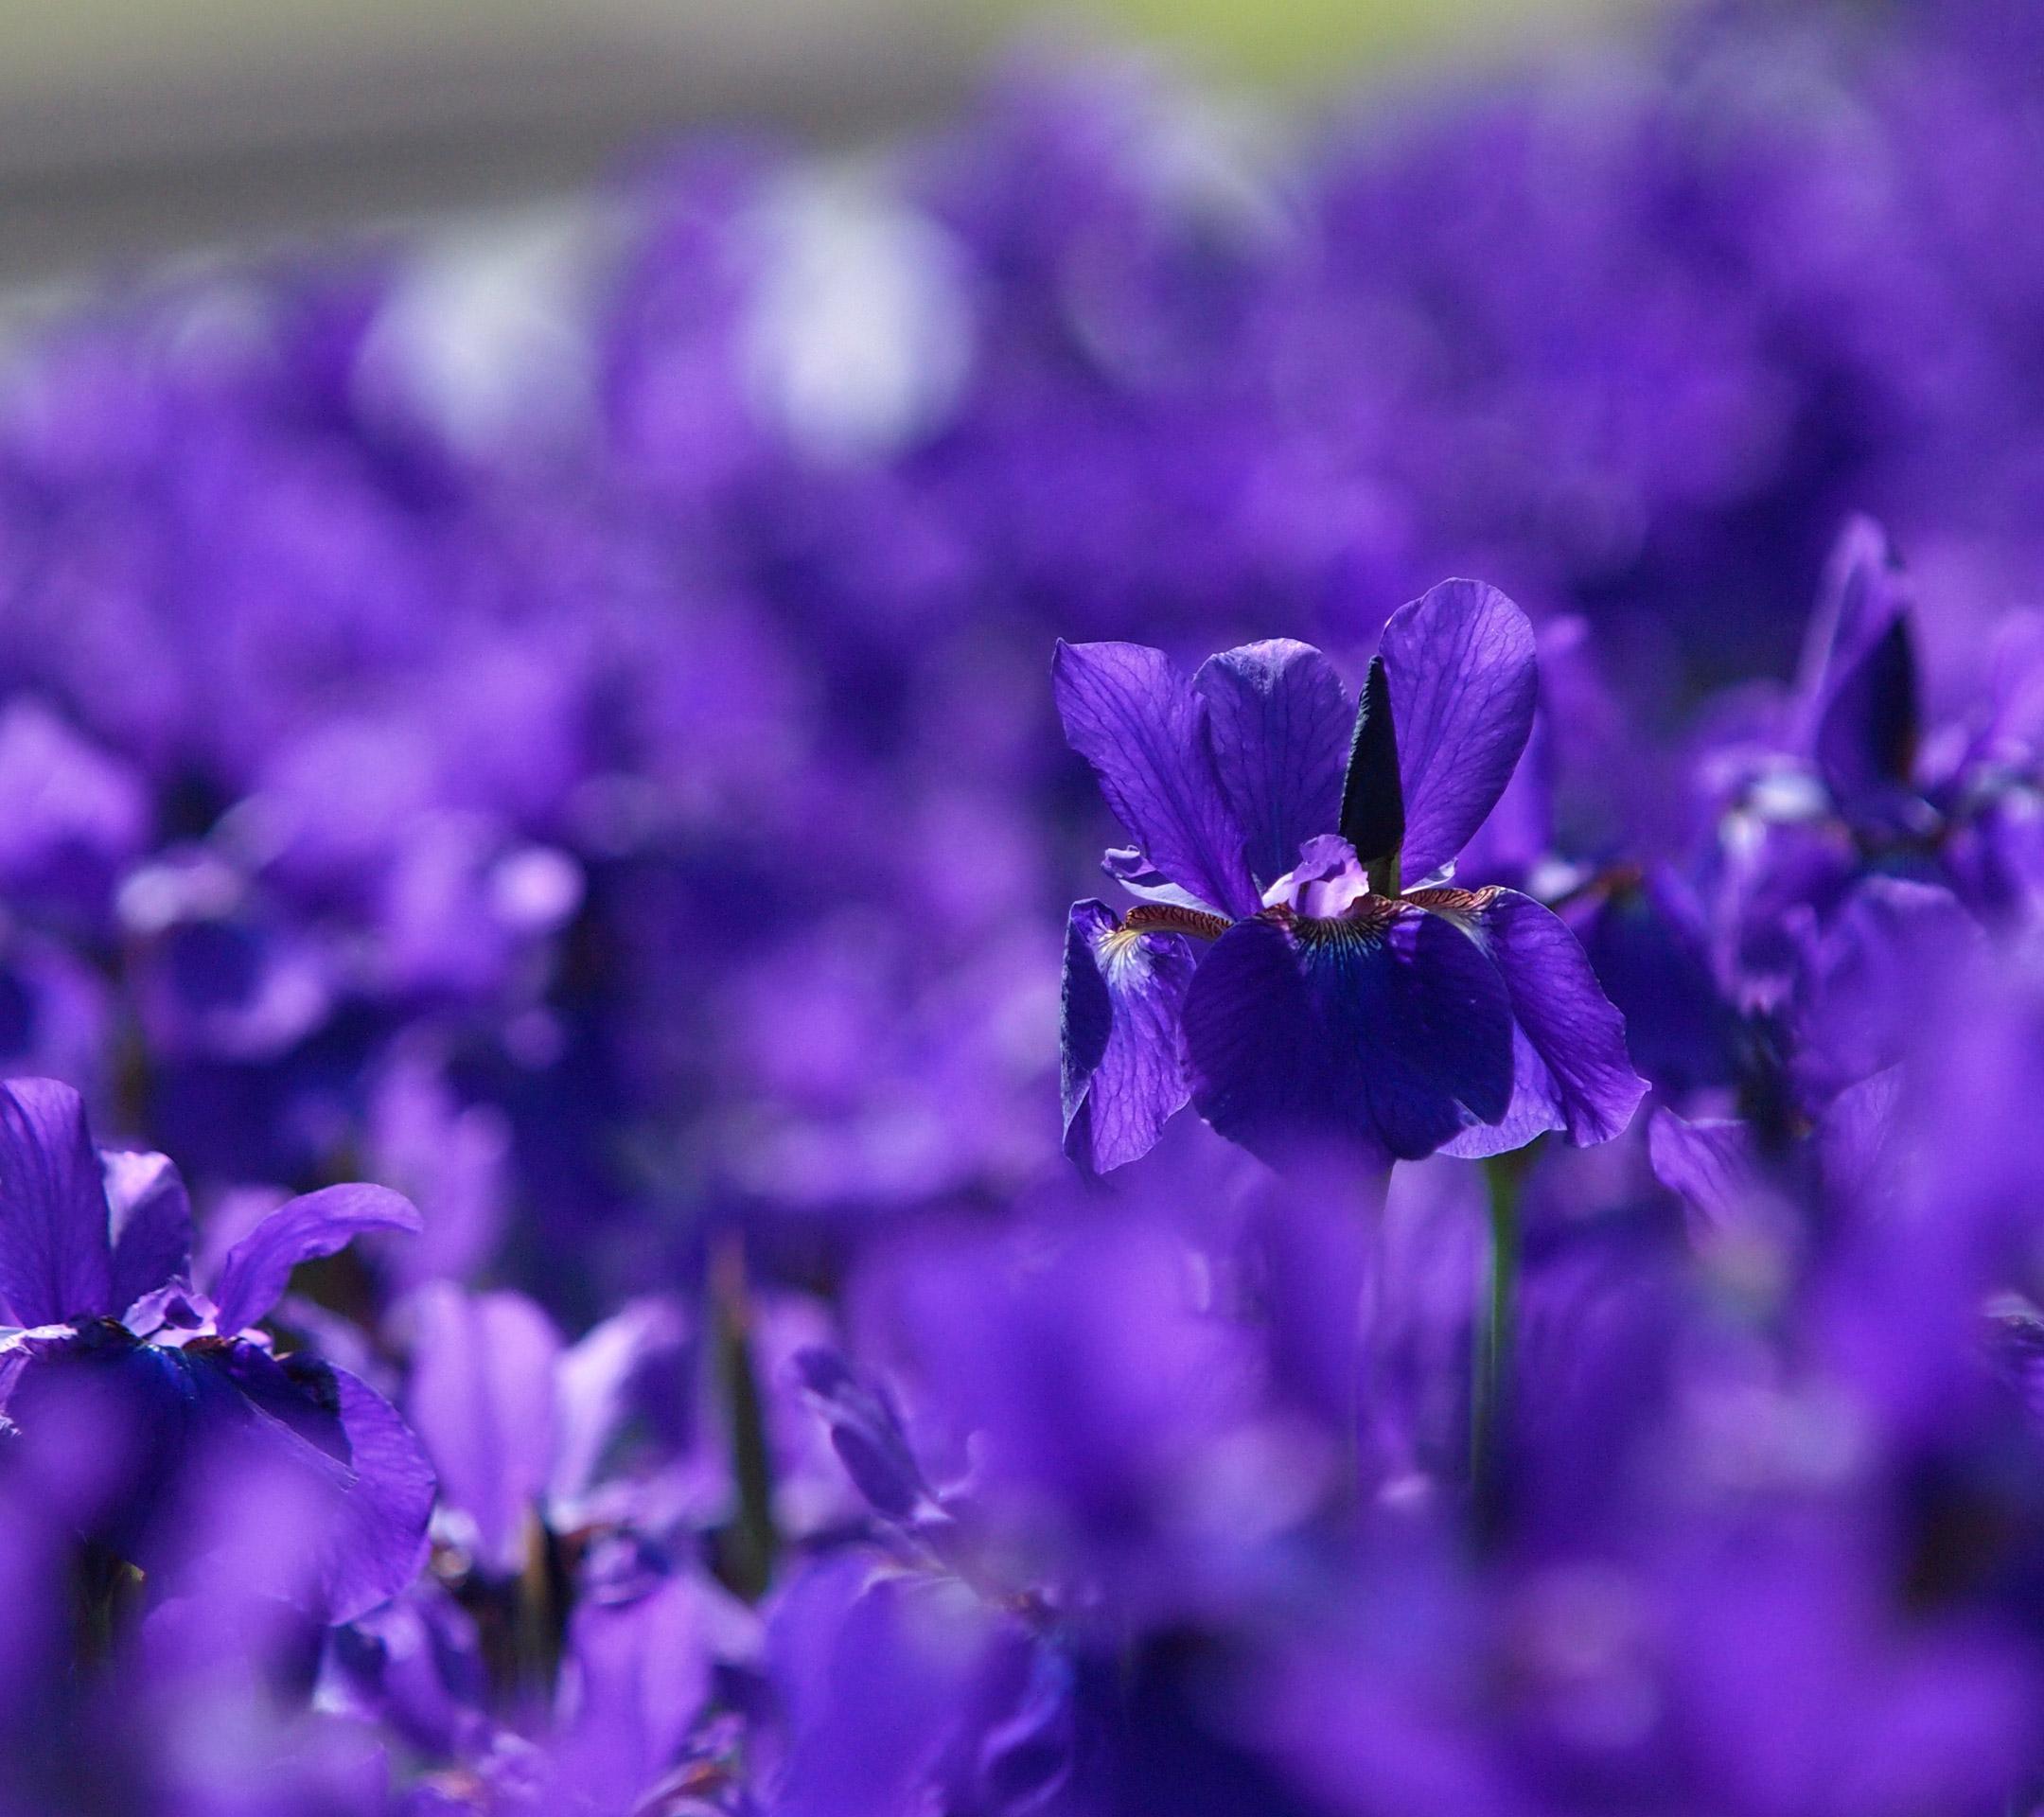 シンプル 紫バイオレットの壁紙紫色素材のシンプル写真の